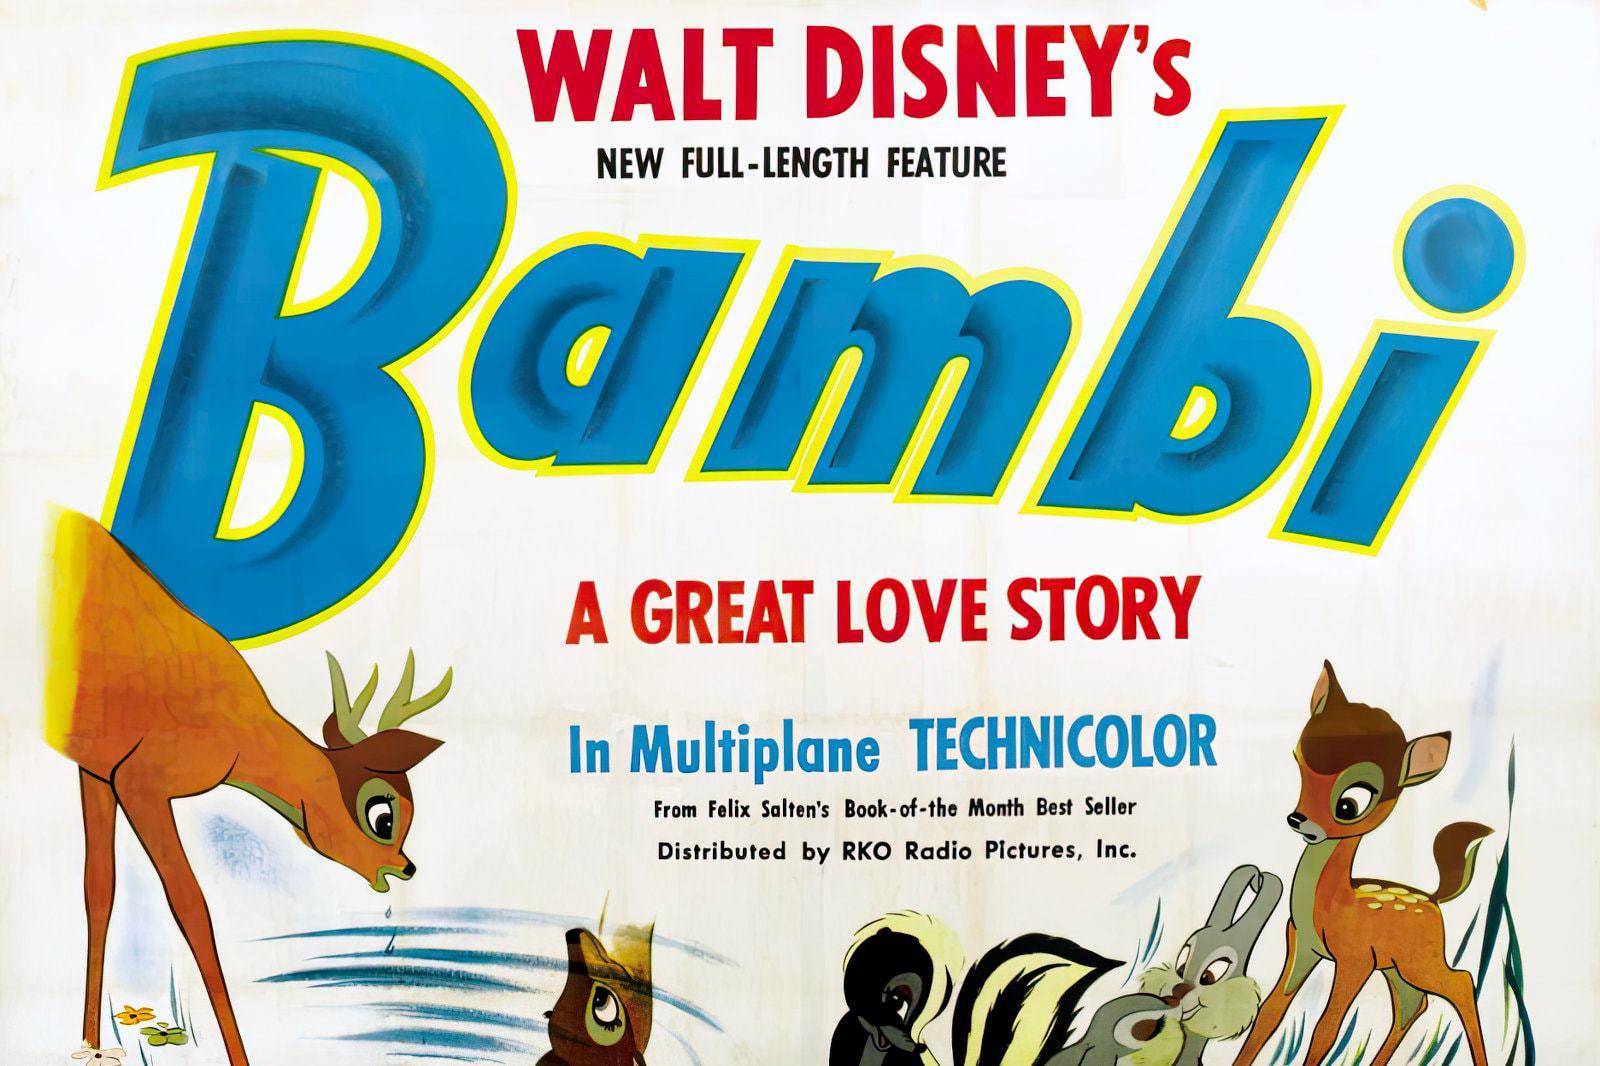 Walt Disney's classic movie Bambi (1942)